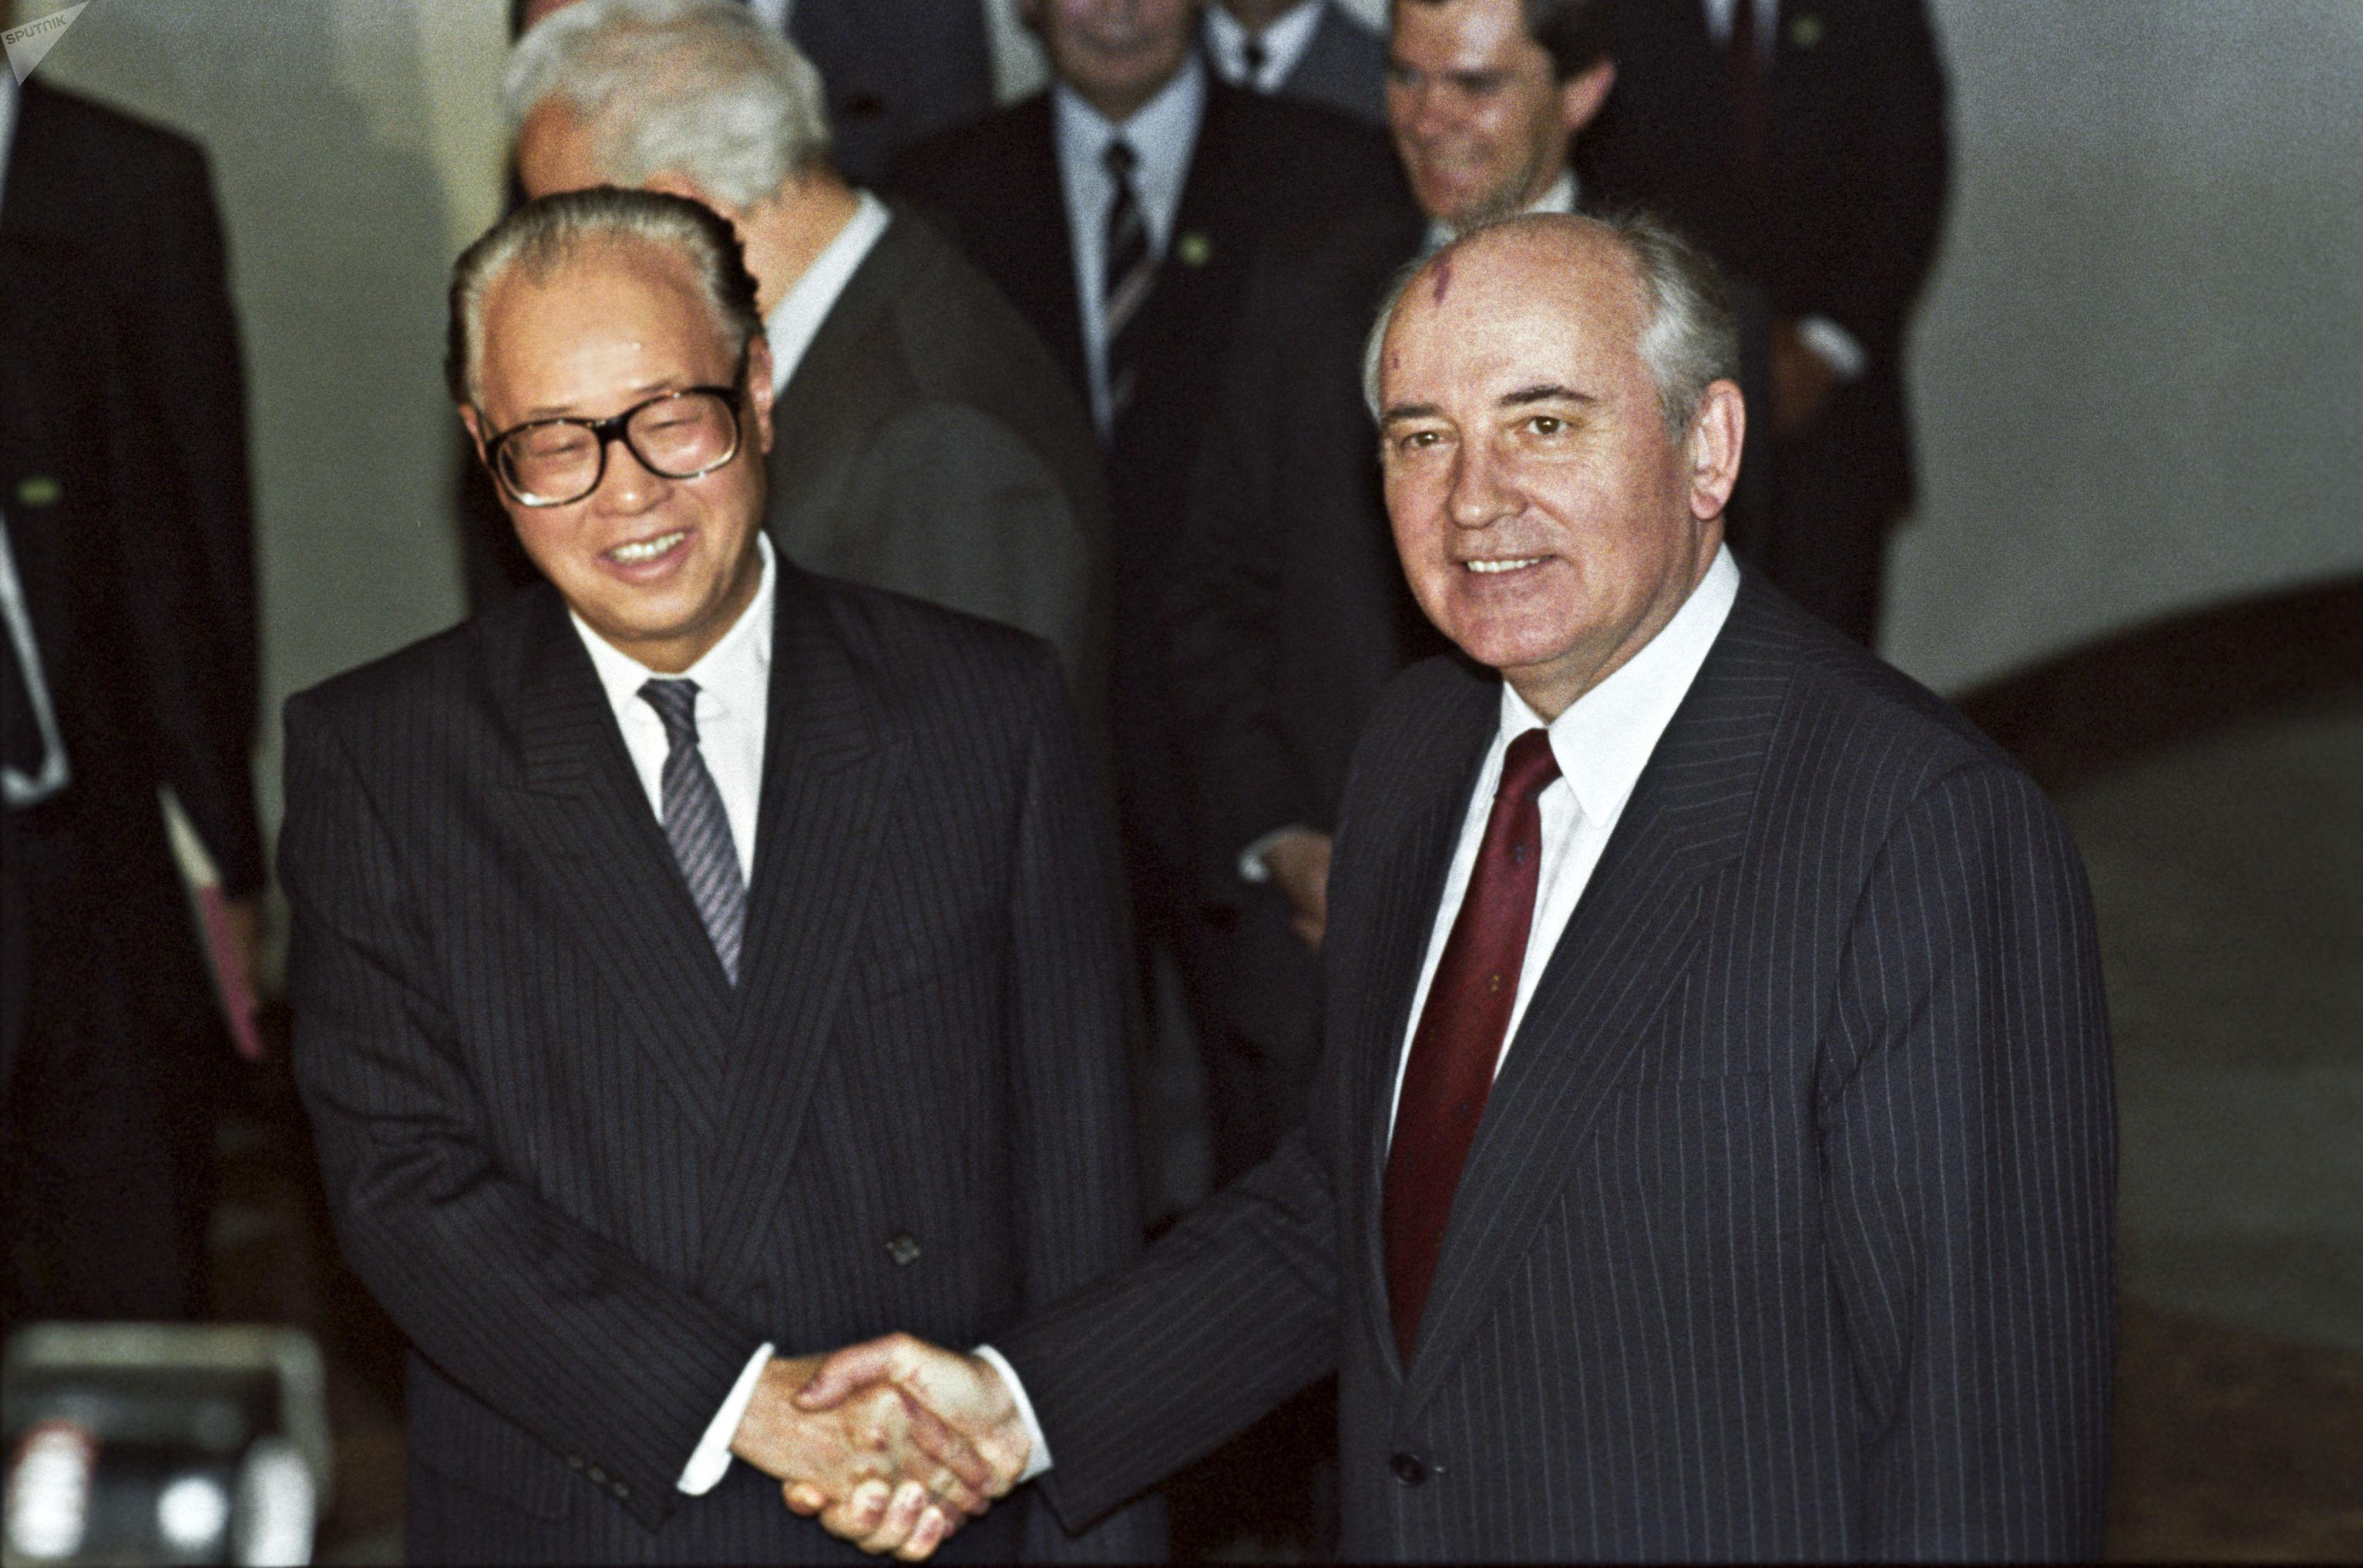 Генеральный секретарь ЦК Компартии Китая Чжао Цзыян и Генеральный секретарь ЦК КПСС Михаил Горбачев, 1989 год